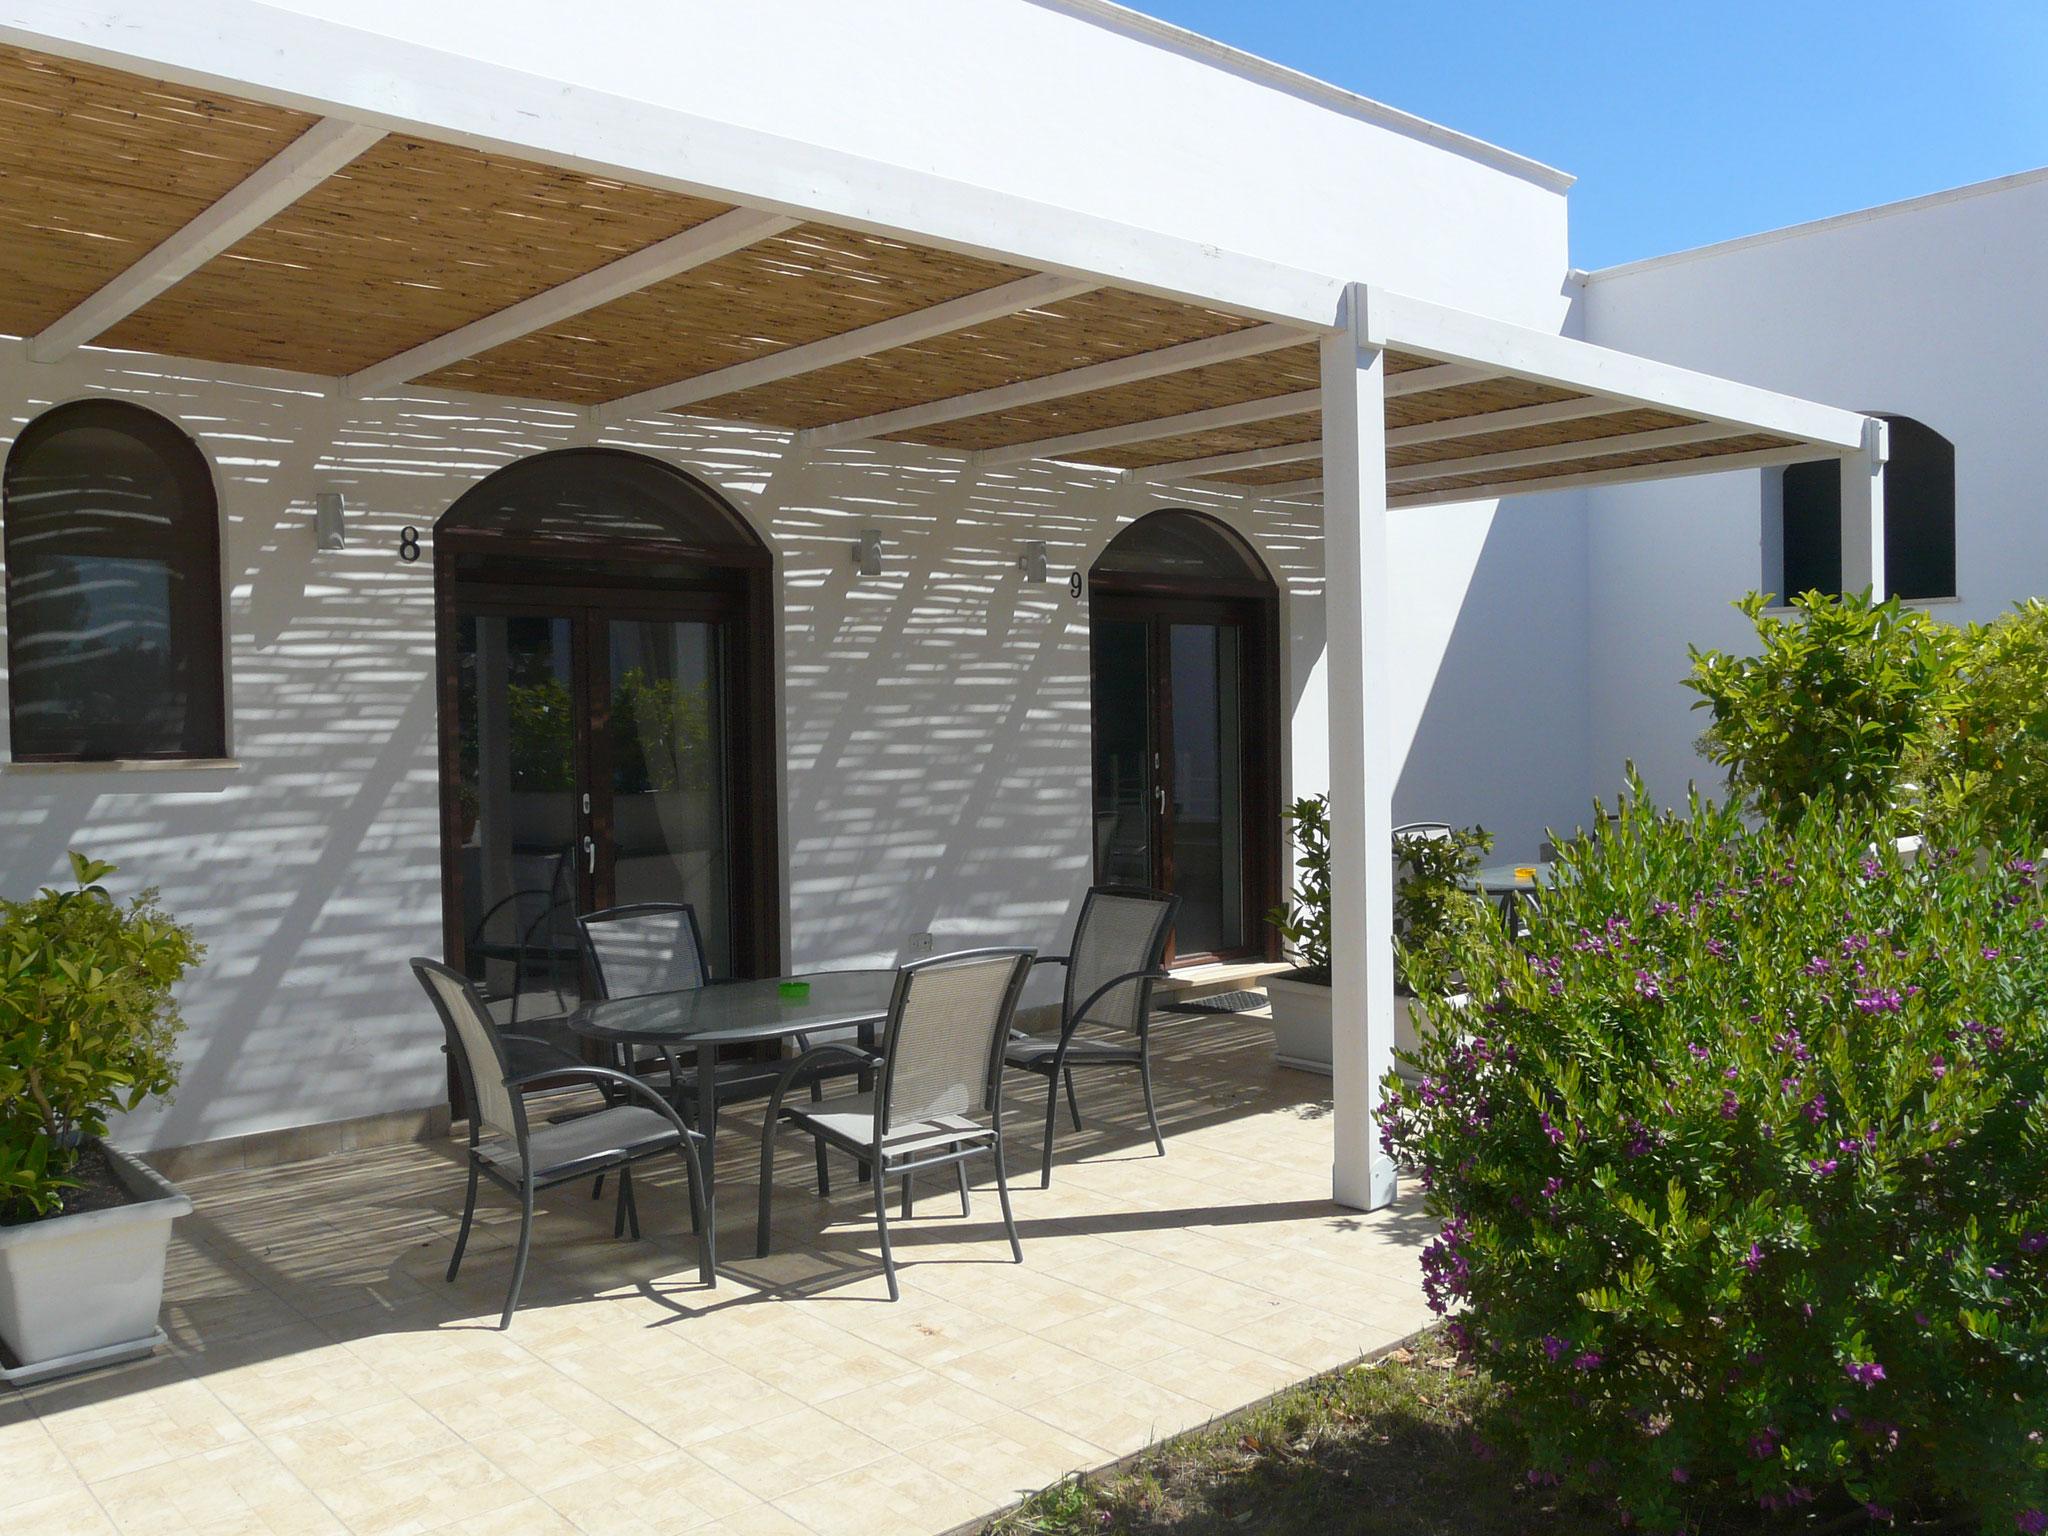 Lecce 8 - Terrace with pergola